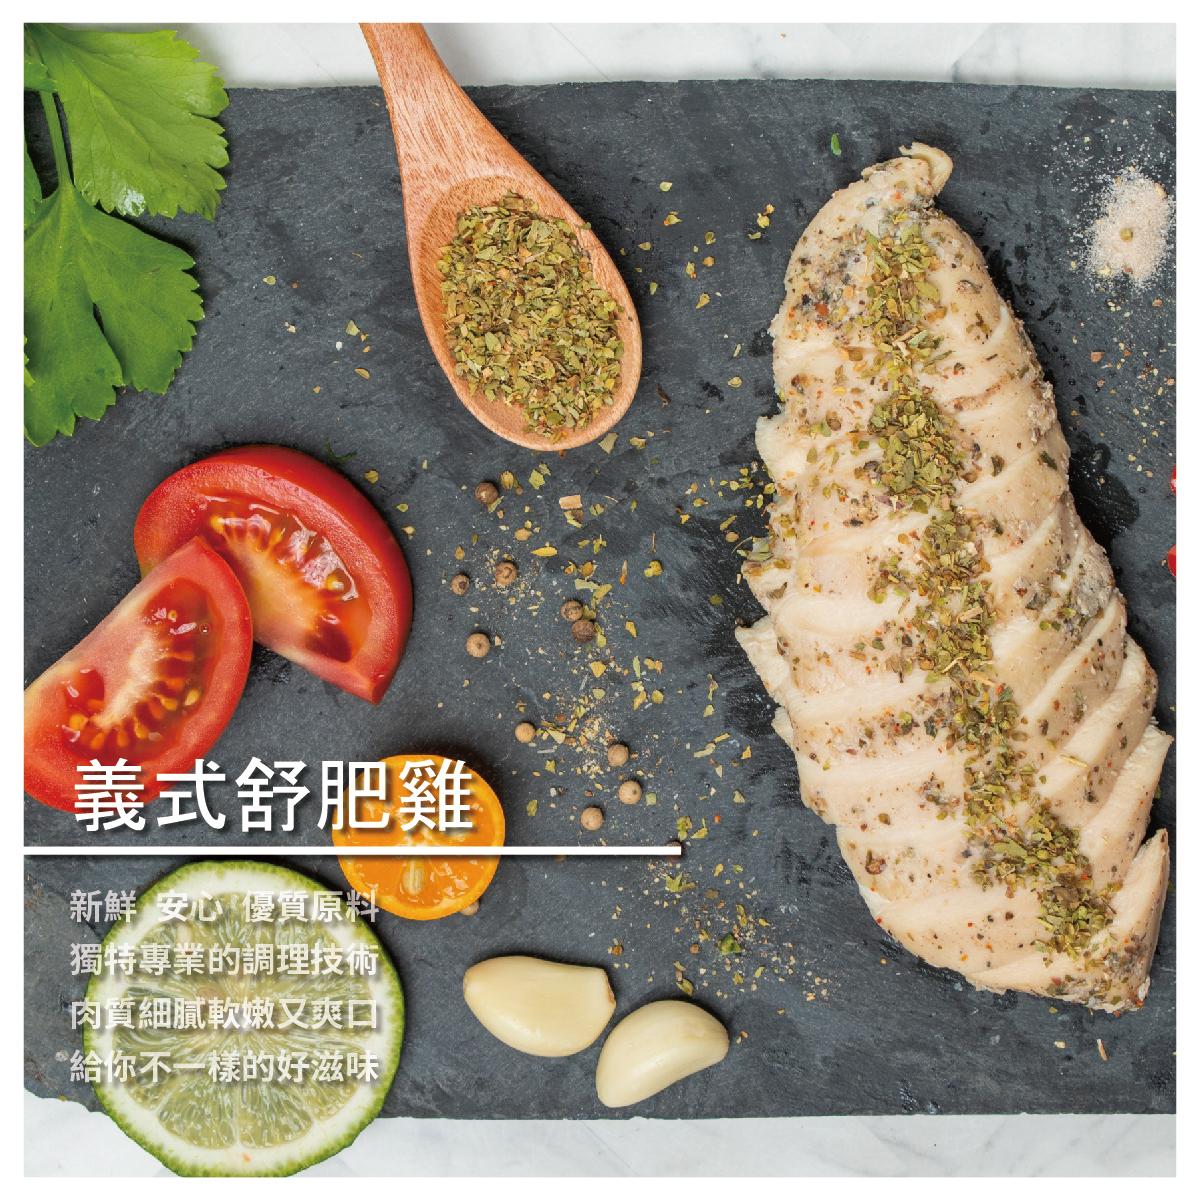 【日輕好食低脂健康料理】義式舒肥雞 180g